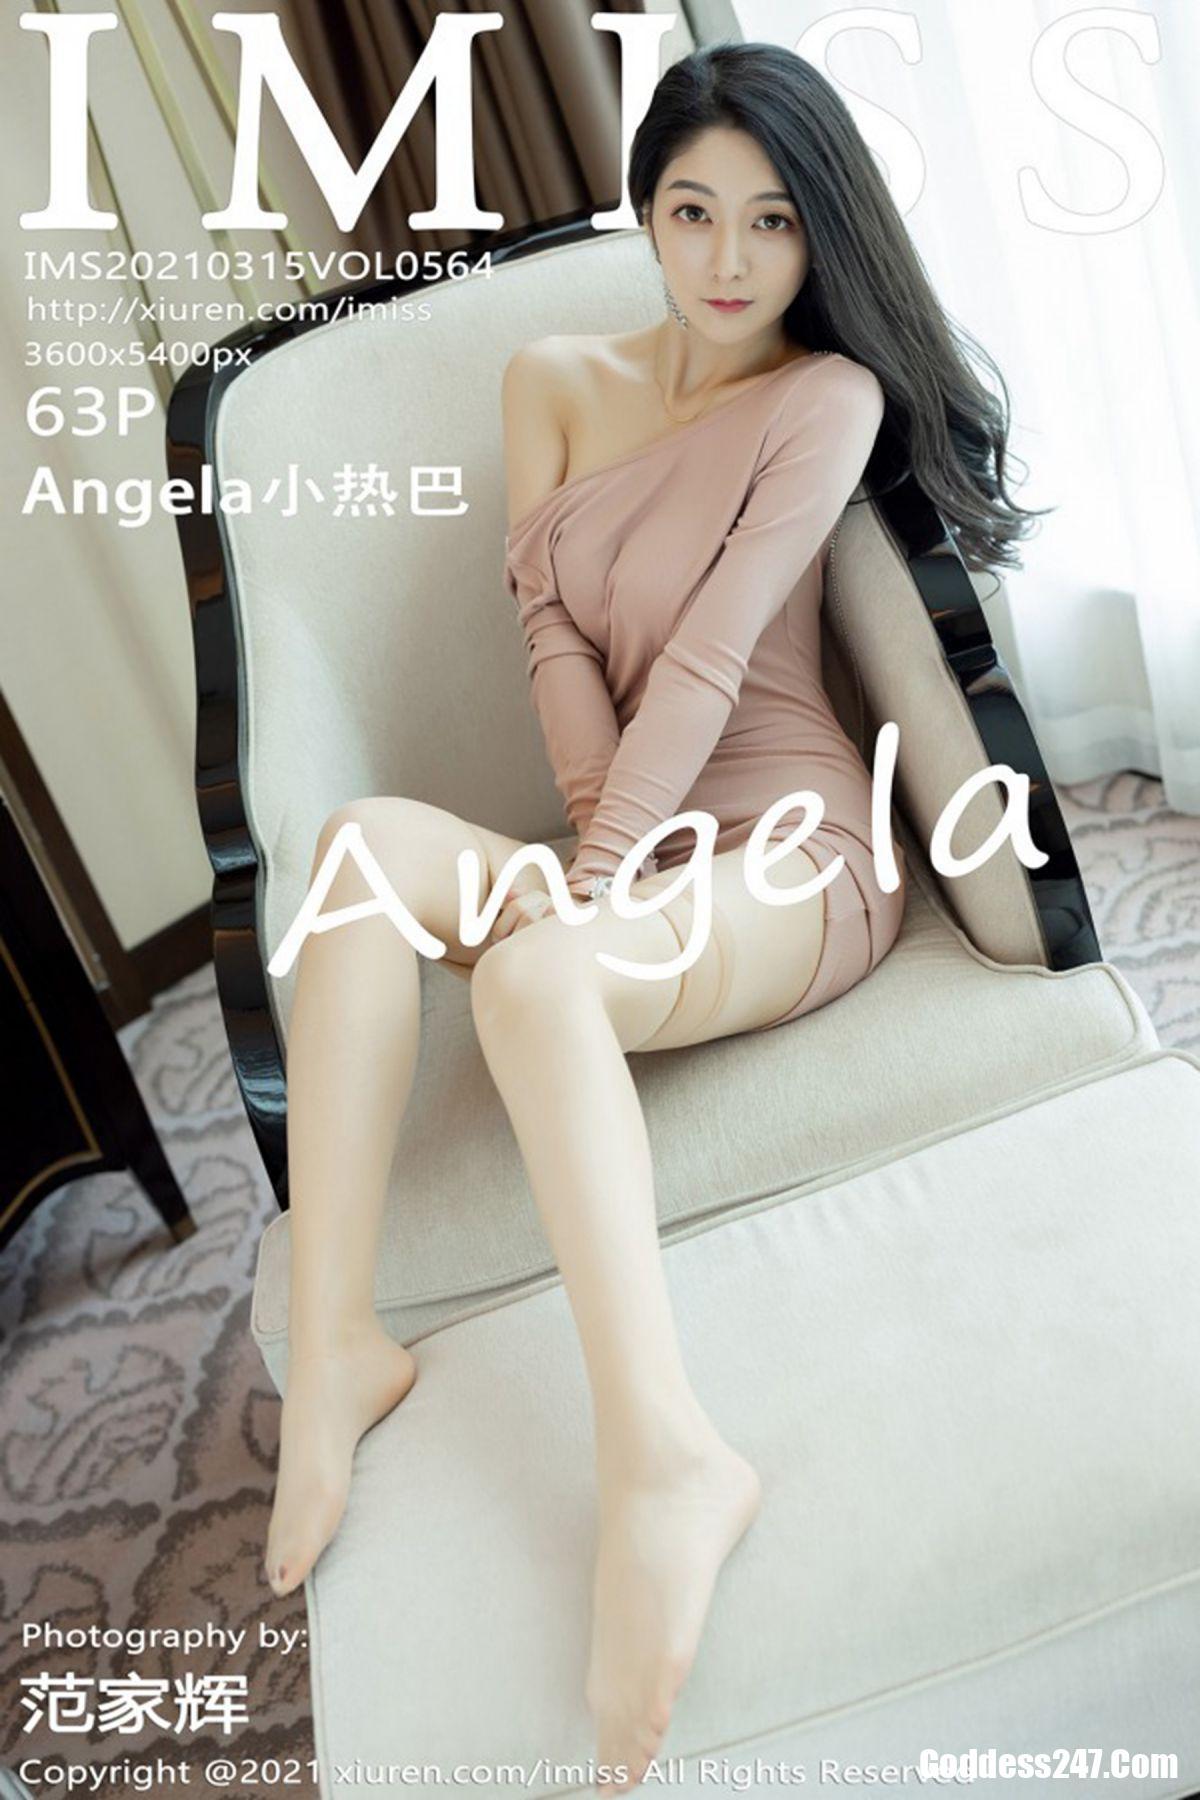 IMiss爱蜜社 Vol.564 Angela小热巴